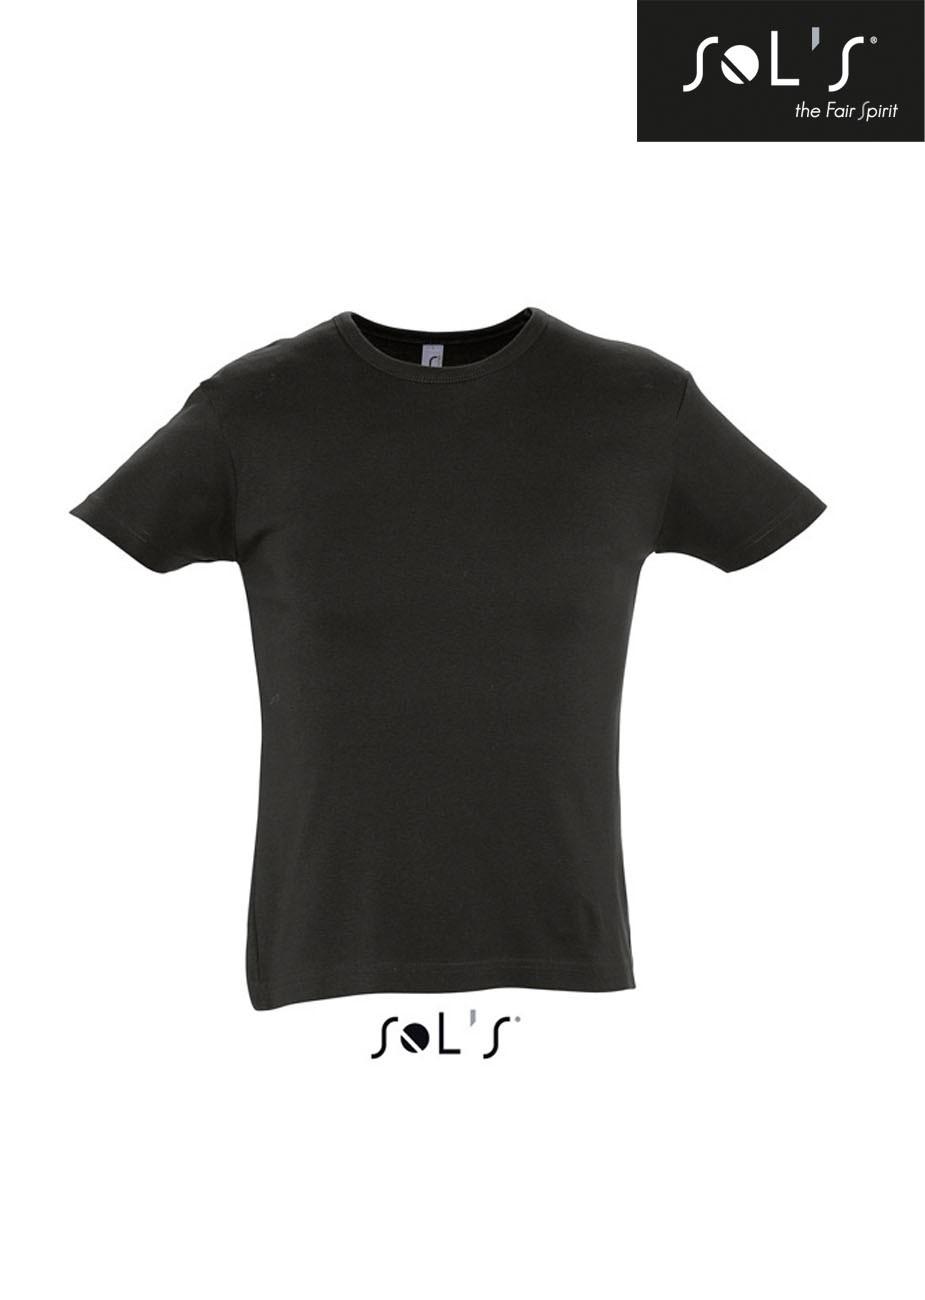 LPL100 Sols Herren Slim-Fit T-Shirt City a. Artikelnummer LPL100